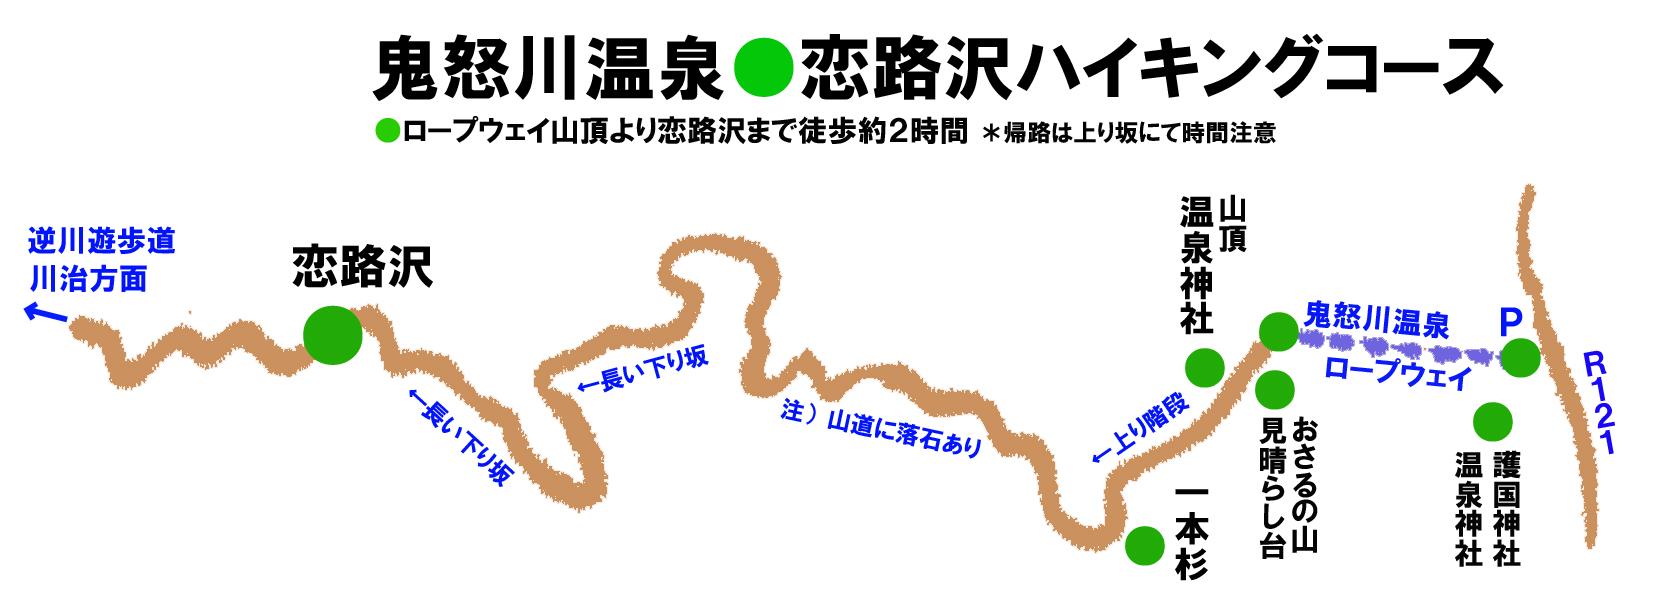 恋路沢マップ画像.jpg